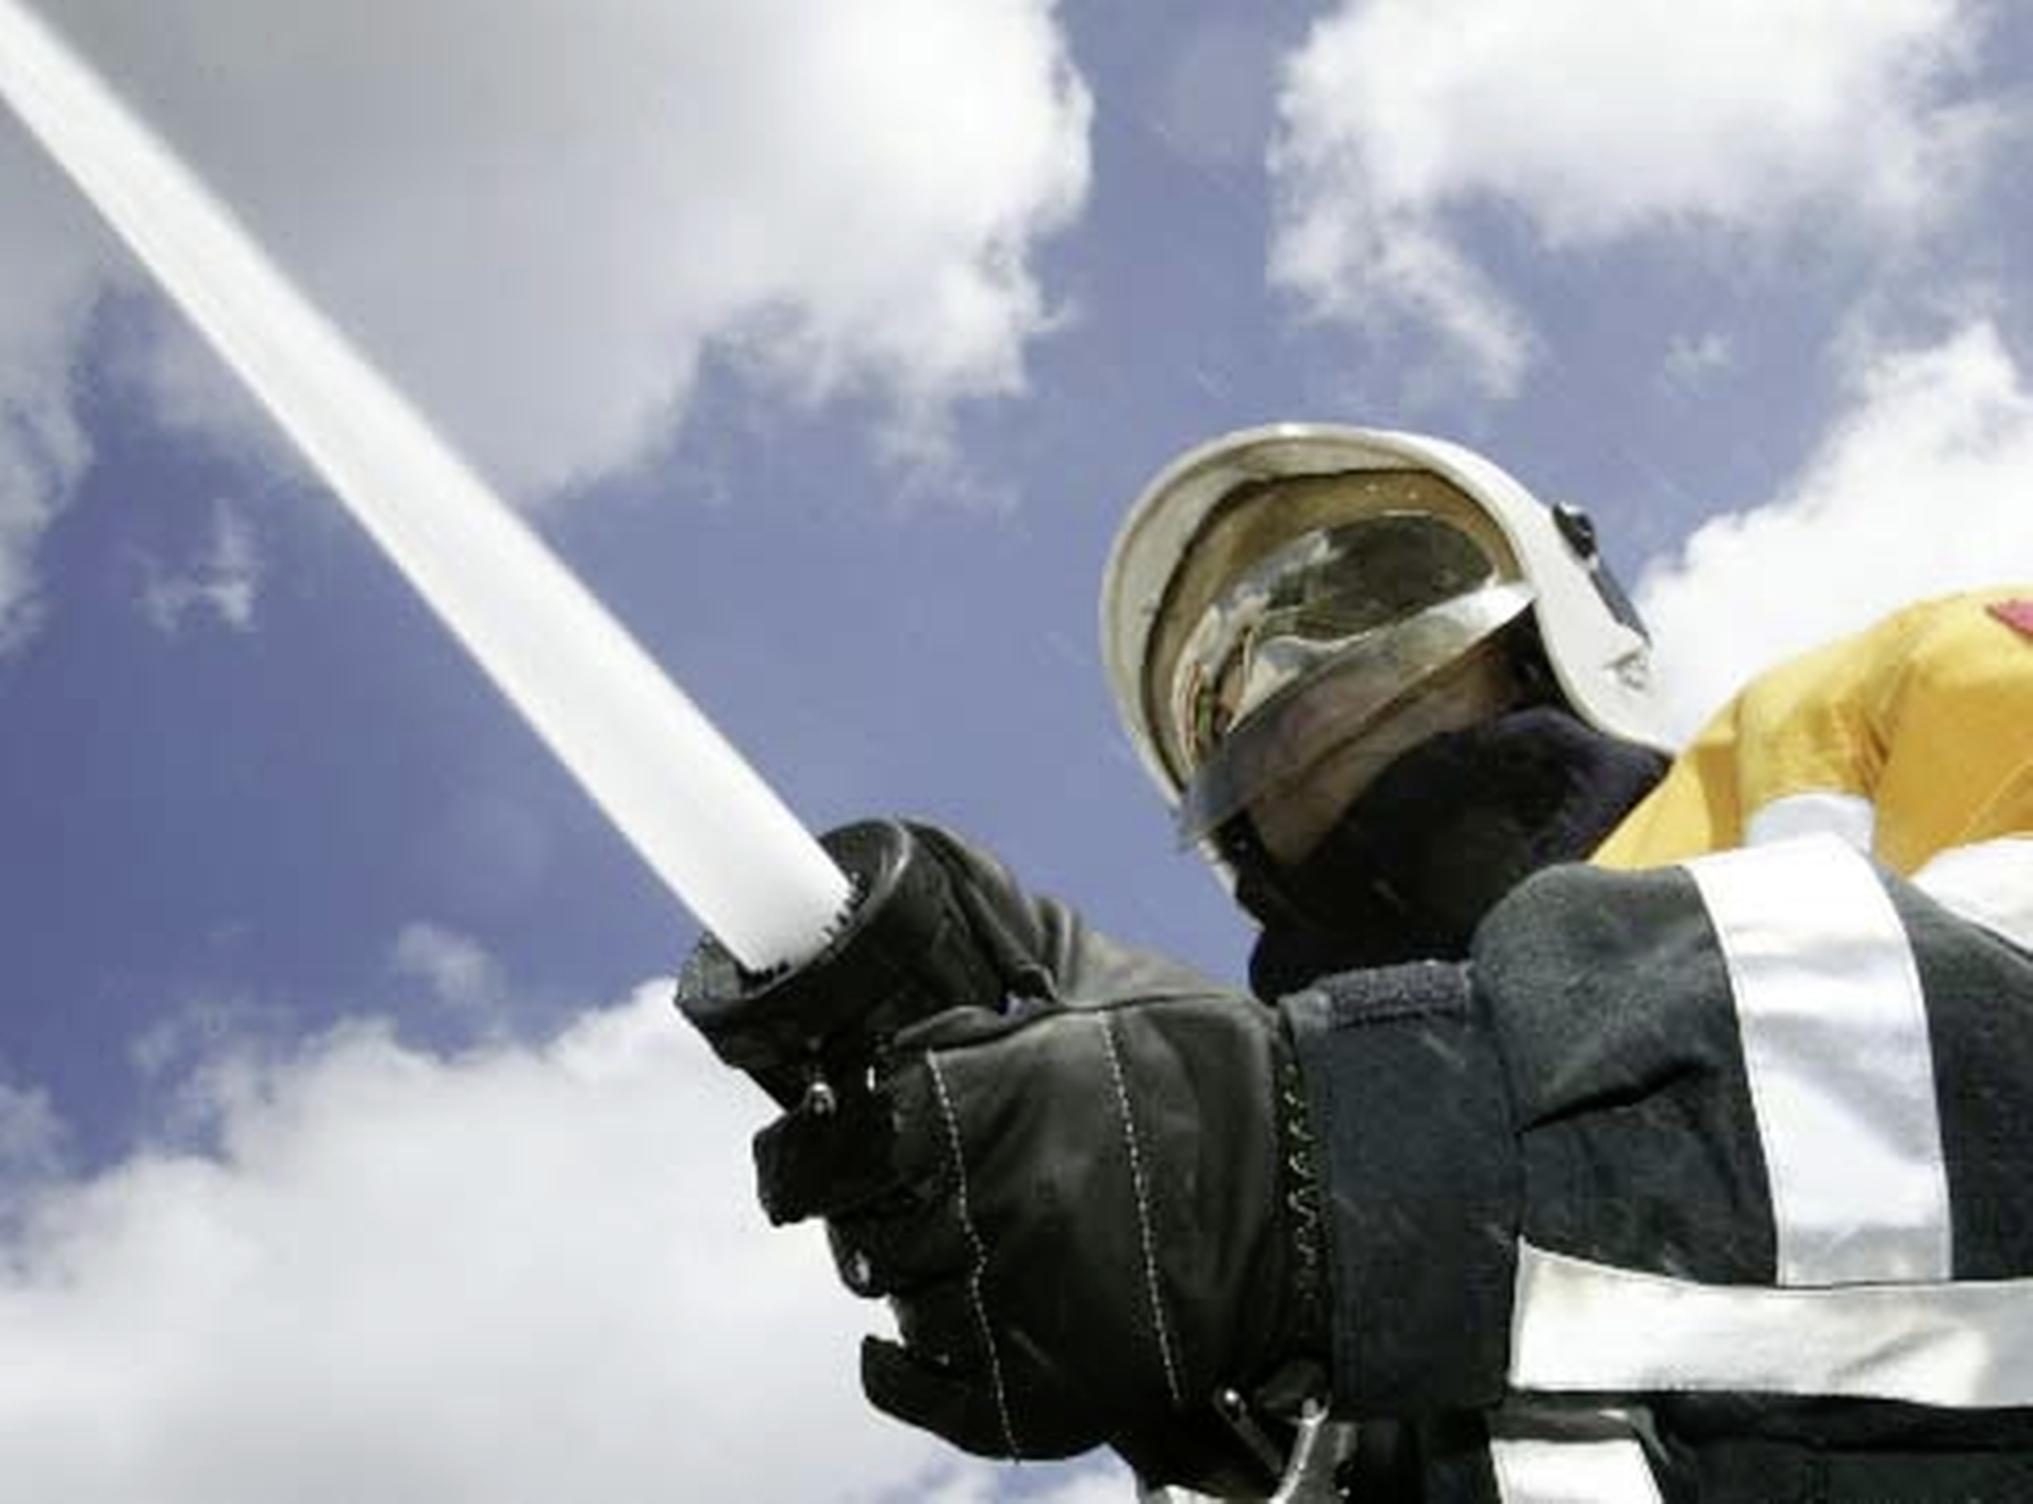 Hilversum heeft te weinig bluswater. Extra brandweerwagen en nieuwe leidingen moeten mogelijk tekort voorkomen